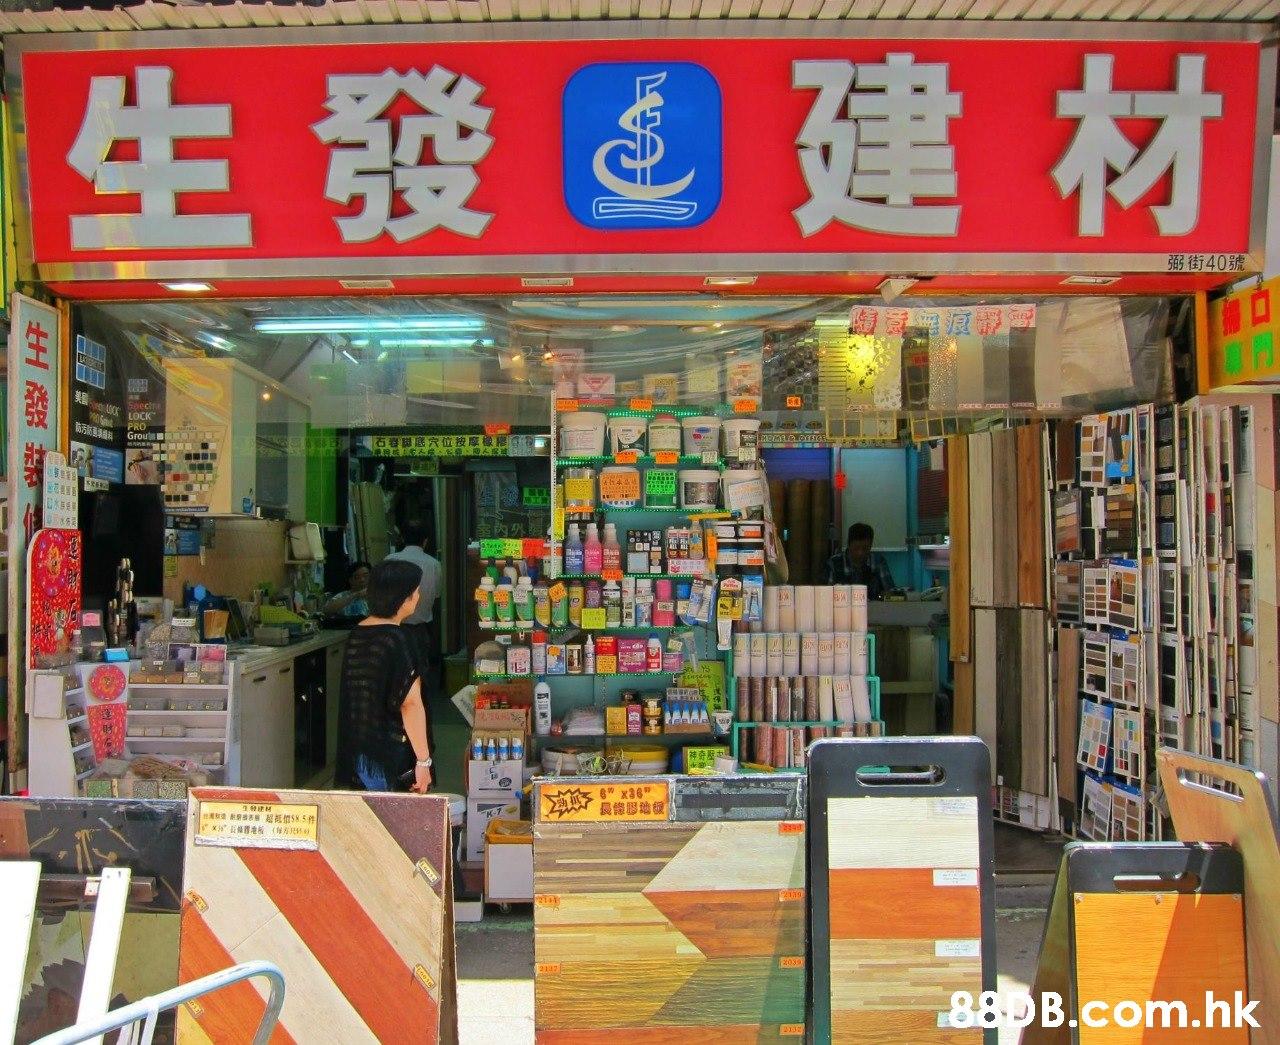 生發4建材 弼街40號 LOr LOCK G PRO s Grou 石容國底穴位按摩 SEE 幸內外! DABE 神奇壓 88 B.com.hk  Retail,Building,Convenience store,Bookselling,Trade